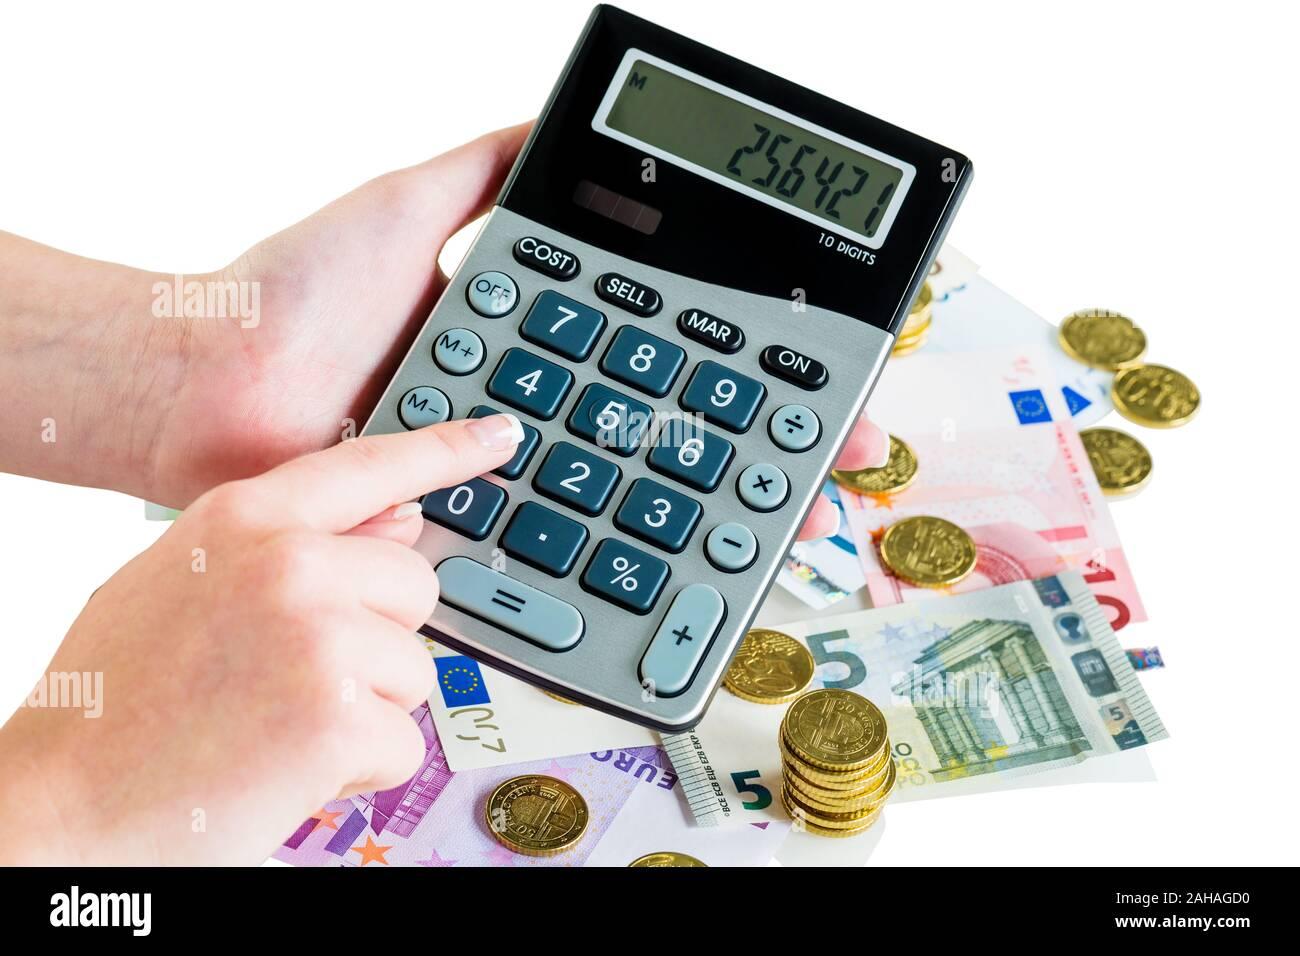 Viele verschiedene Euro Geldscheine und Münzen, Symbolfoto für Reichtum und Geldanlage. Taschenrechner, Ausgabenkontrolle, Stock Photo